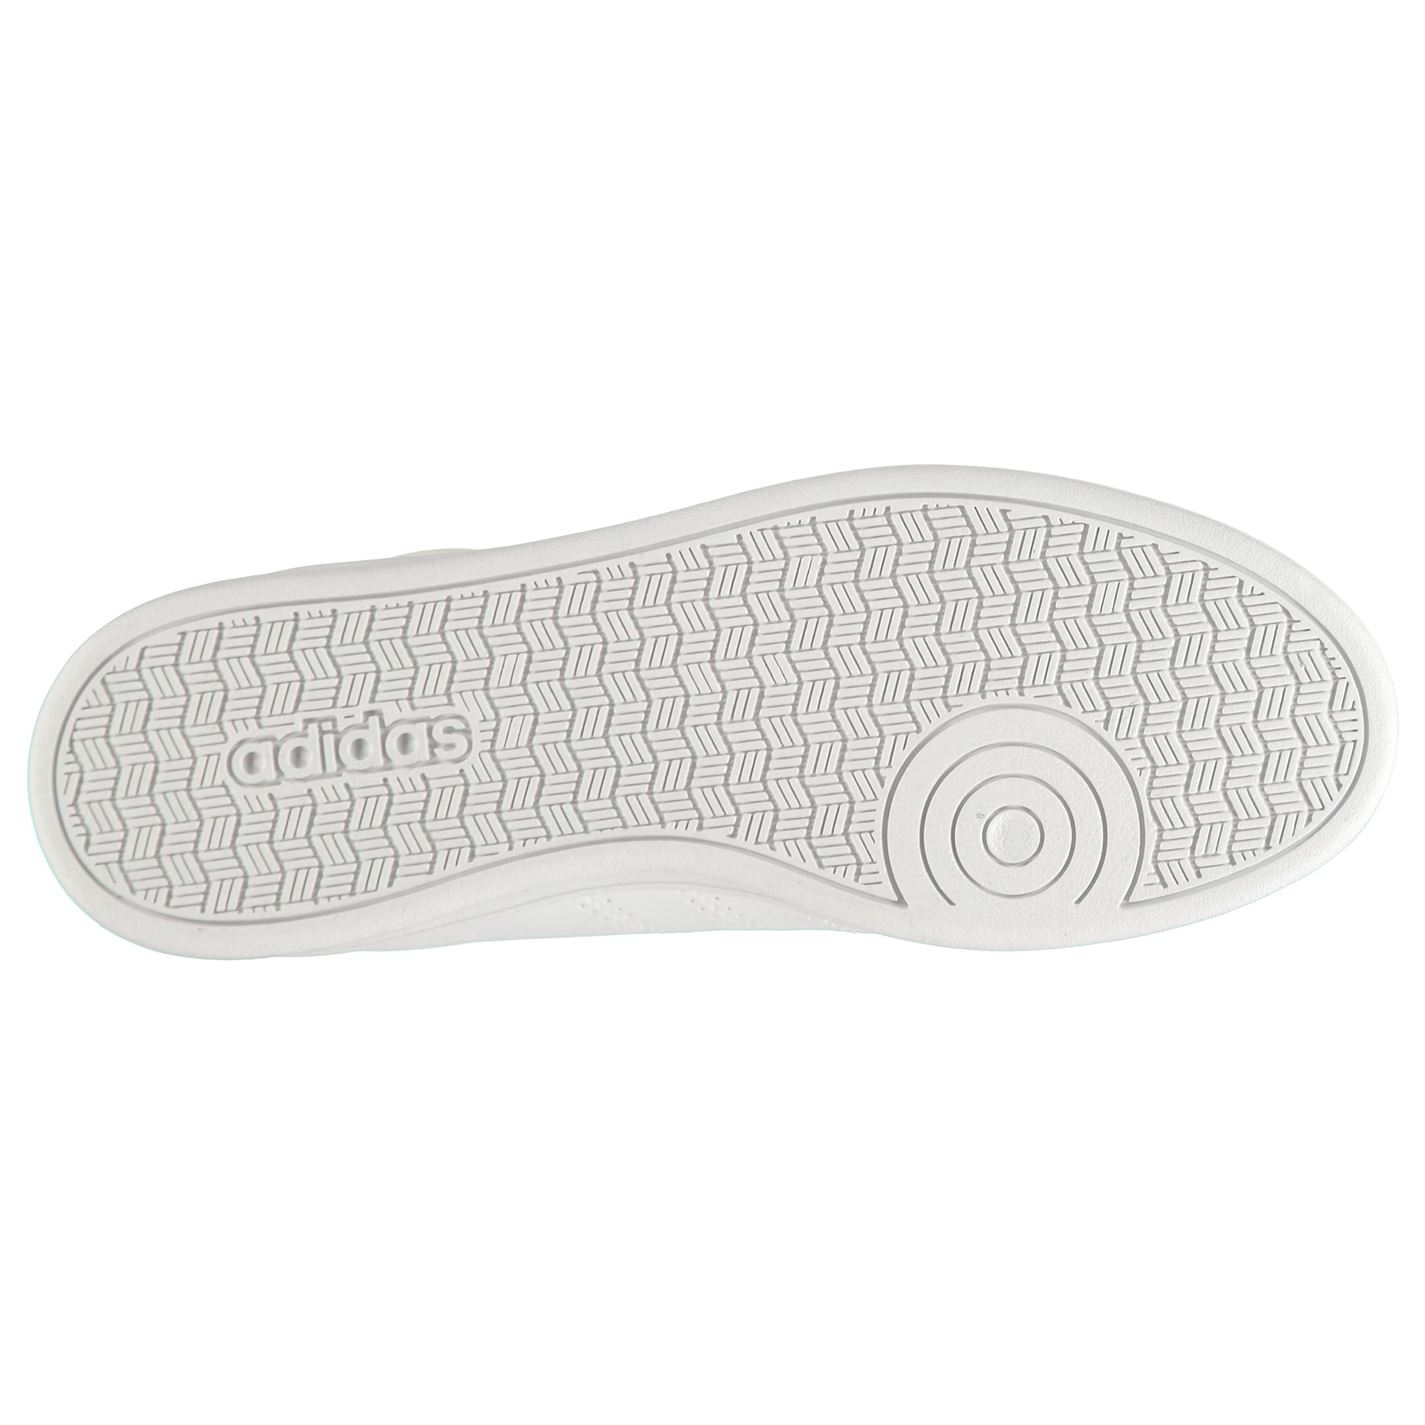 bajas Adidas de y blanco deporte mujer Zapatillas Advantage Qt negro de para qxTEwwO